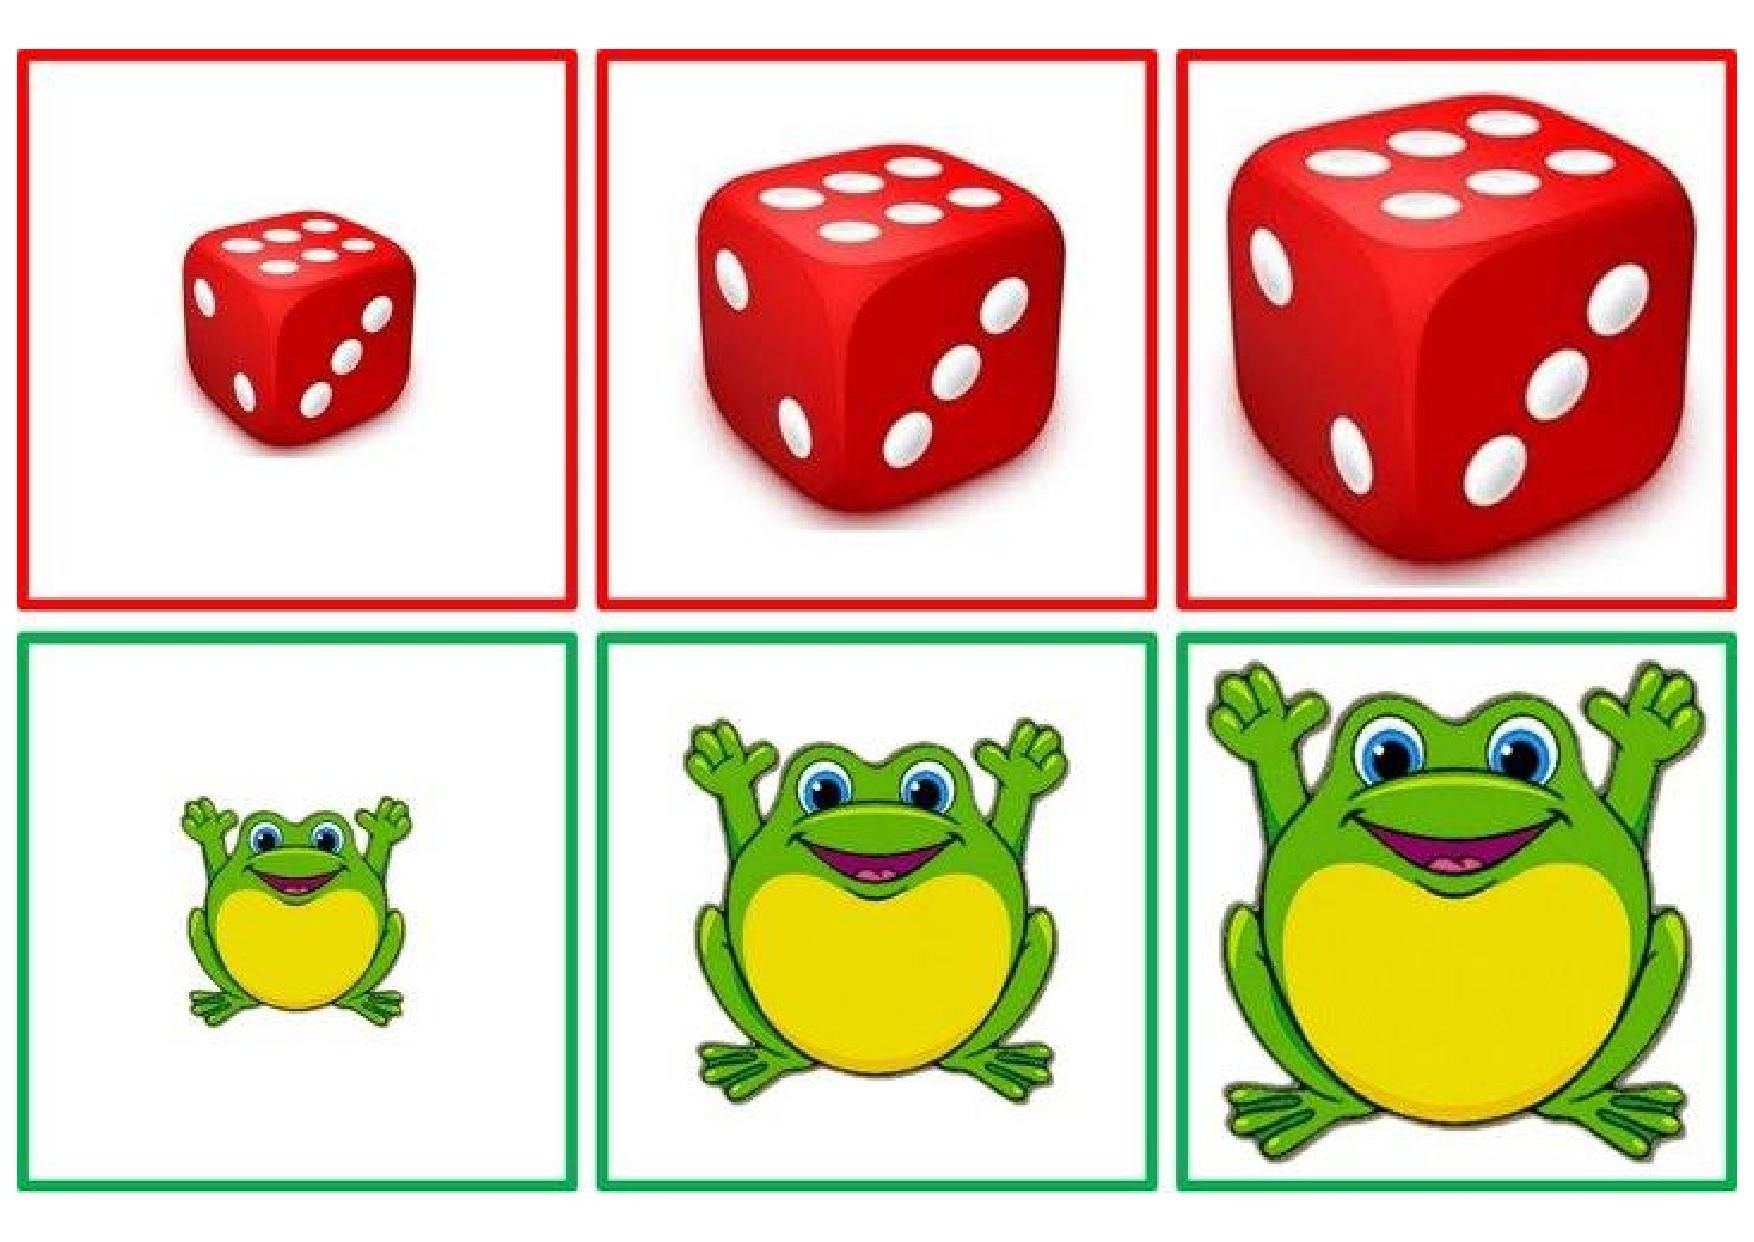 10 Memorable Preschool Worksheets Age 4 In